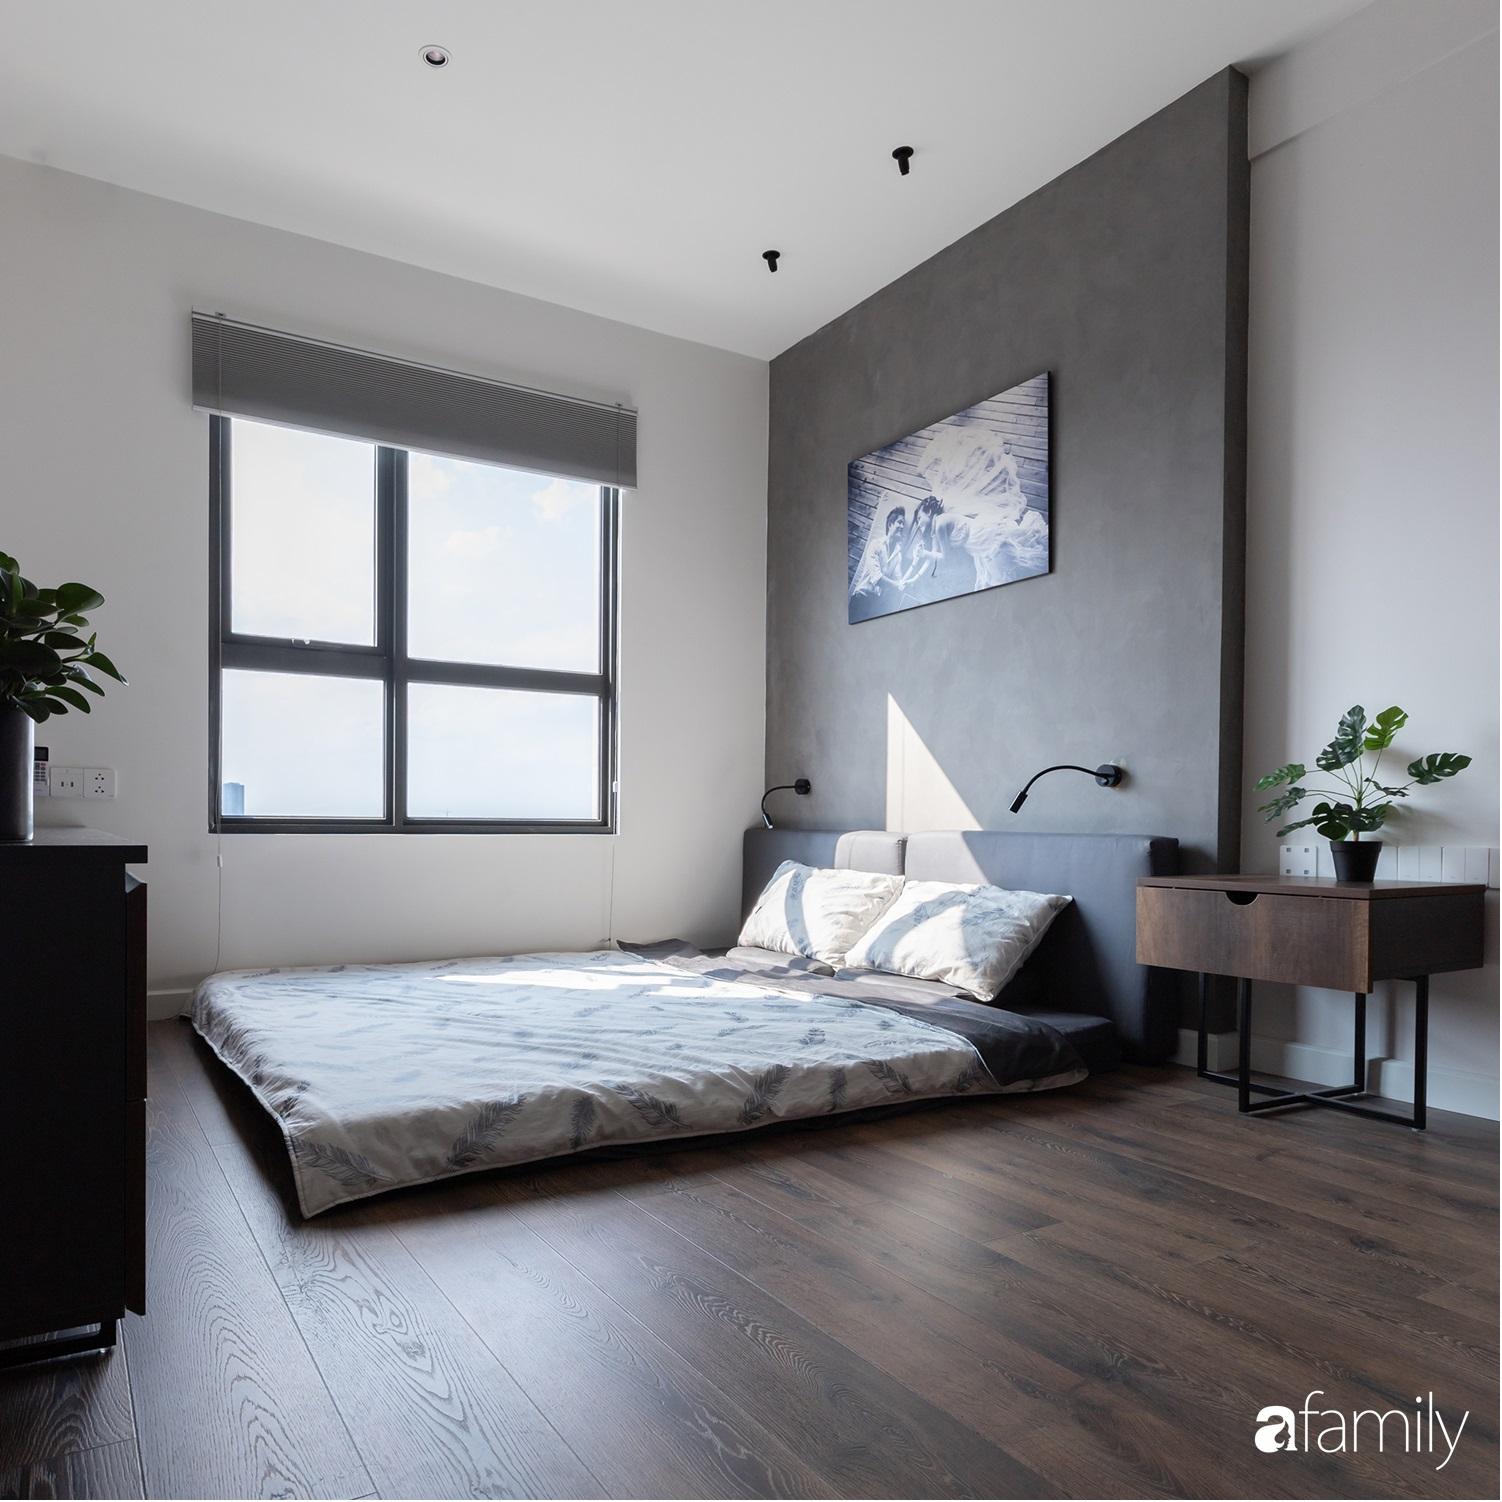 Căn hộ với chi phí phần nội thất gỗ có giá 200 triệu đồng đẹp cuốn hút theo phong cách tối giản ở Hà Nội - Ảnh 24.